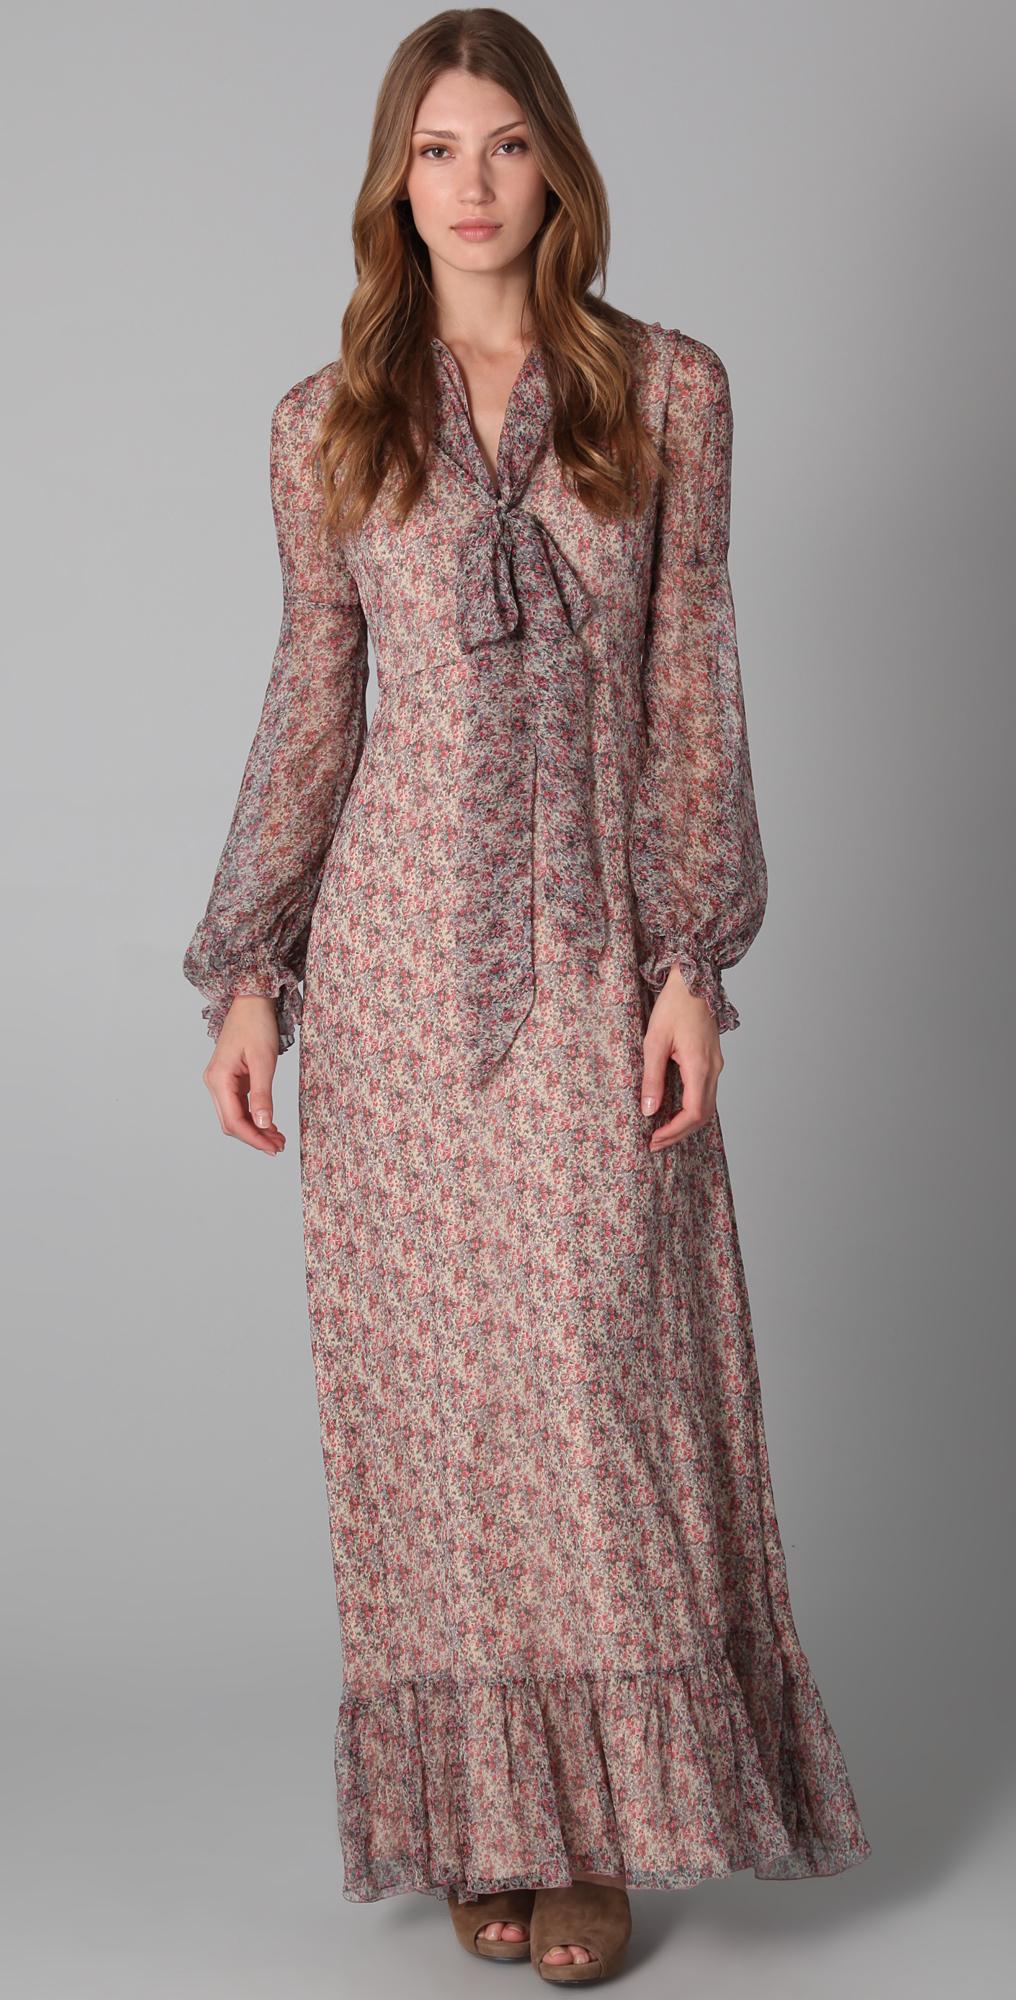 a6783bca6 Silk Floral Maxi Dress Long Sleeve | Saddha